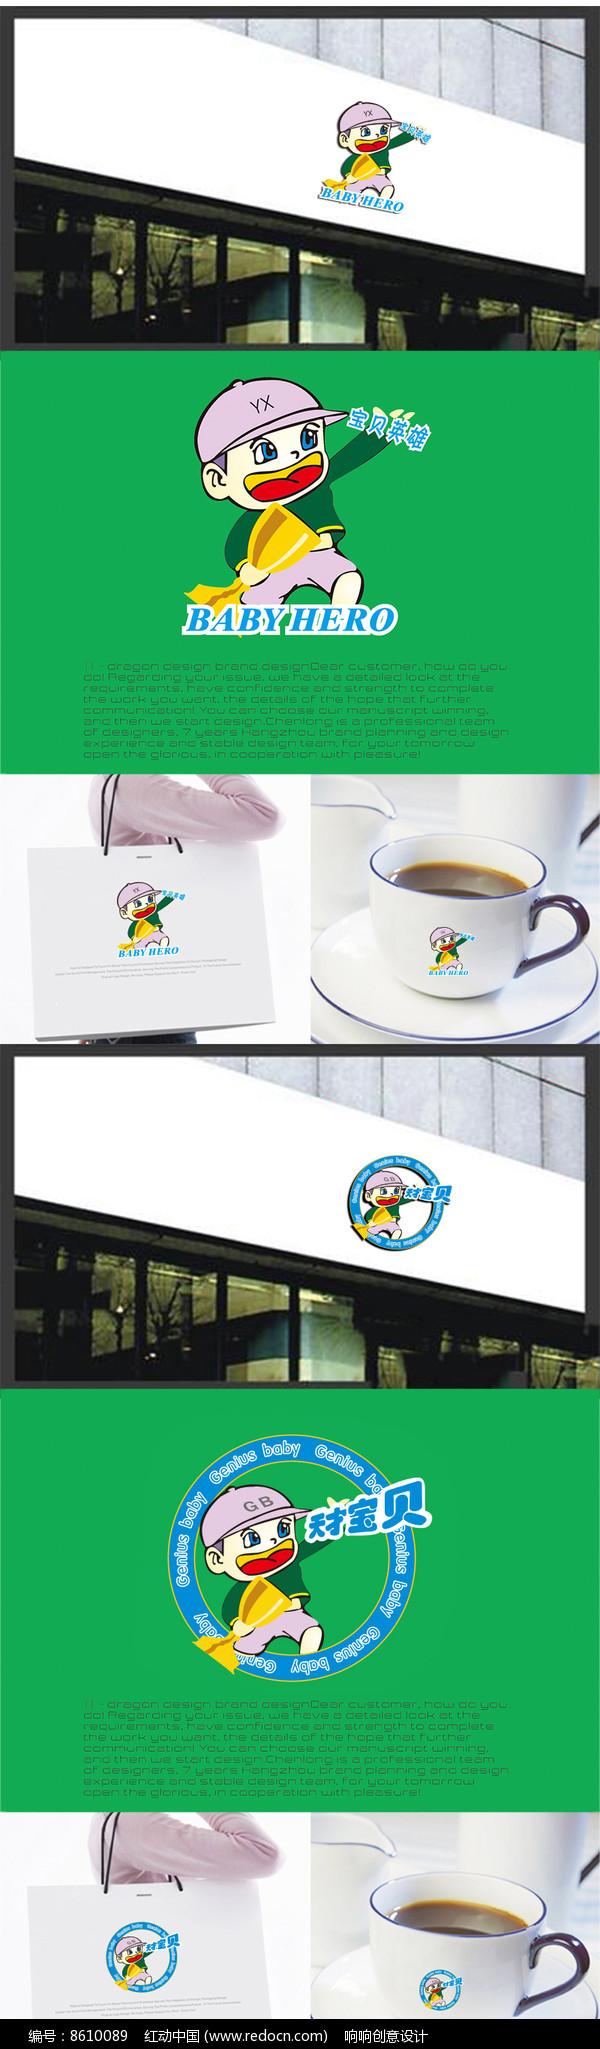 婴儿品牌LOGO设计图片